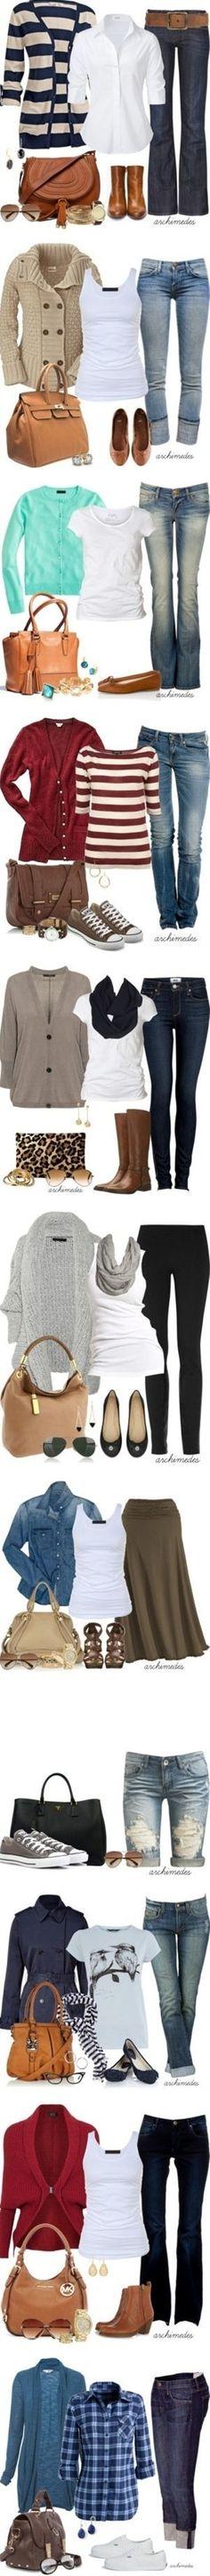 Cute Fall Outfit Ideas for Sydney Geiger!!!!! /Sydney/ Martin Geiger